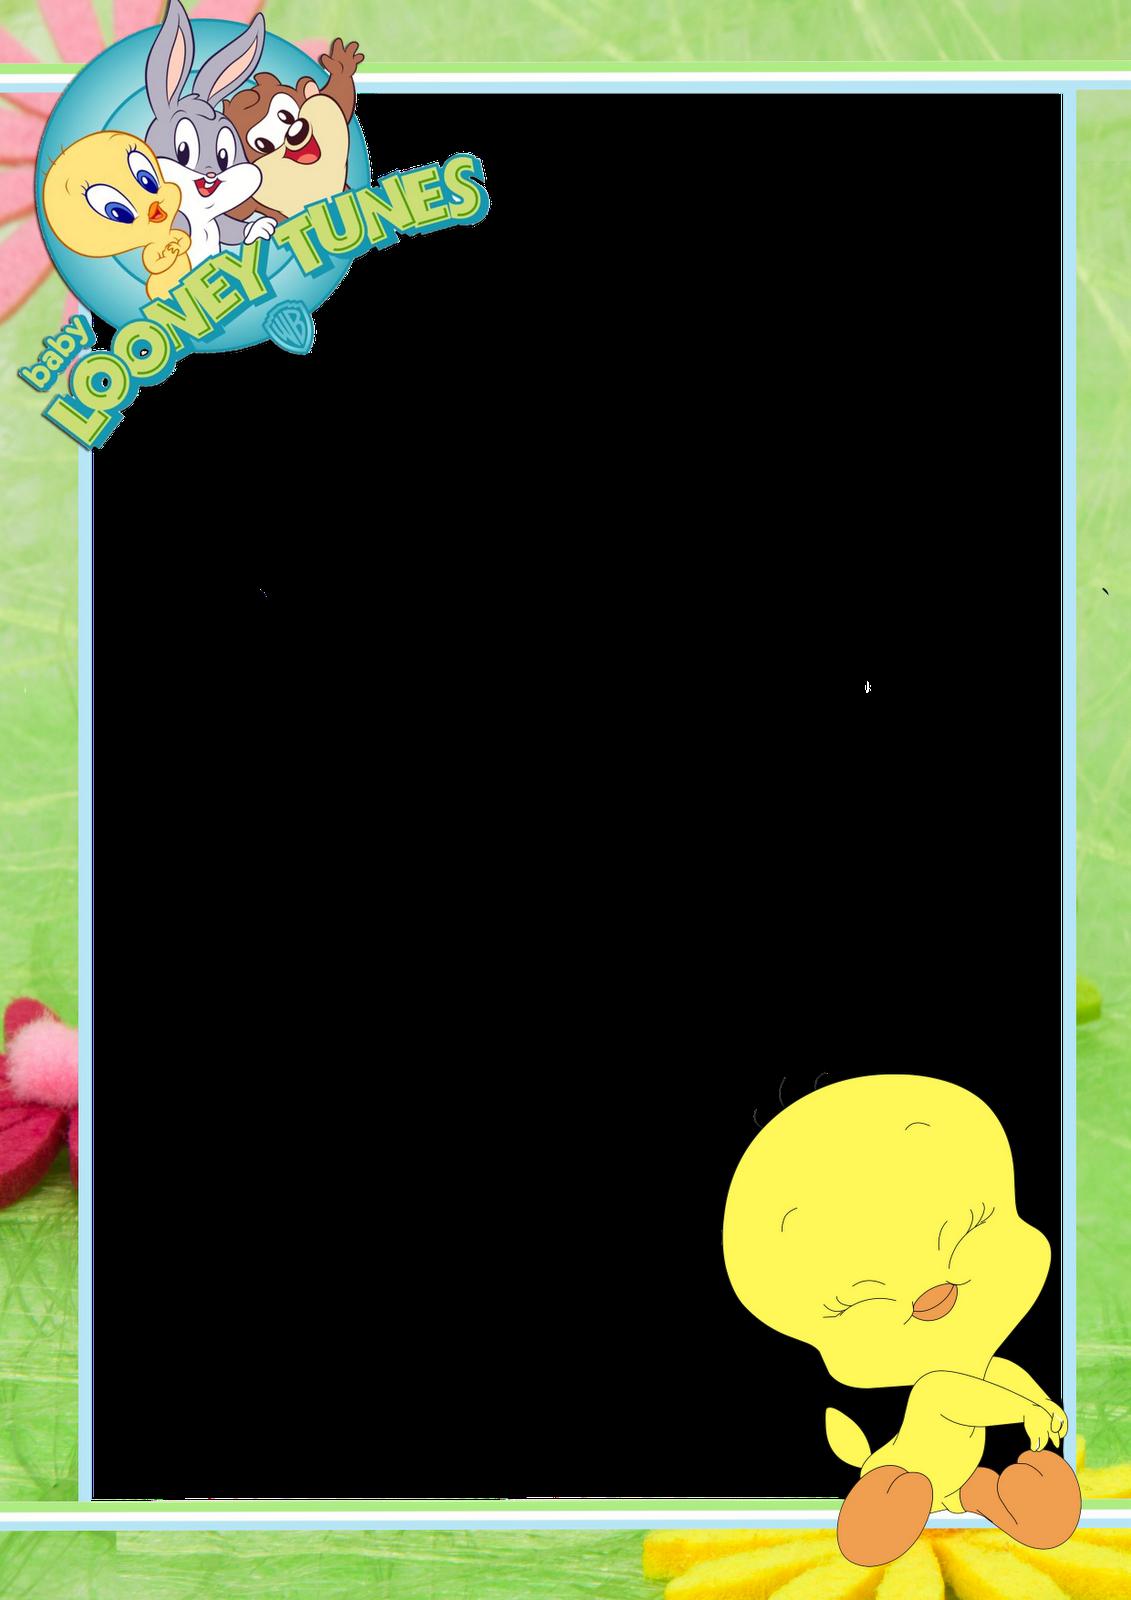 Marcos cuadrados para fotos infantiles looney tunes - Marcos para fotos infantiles ...